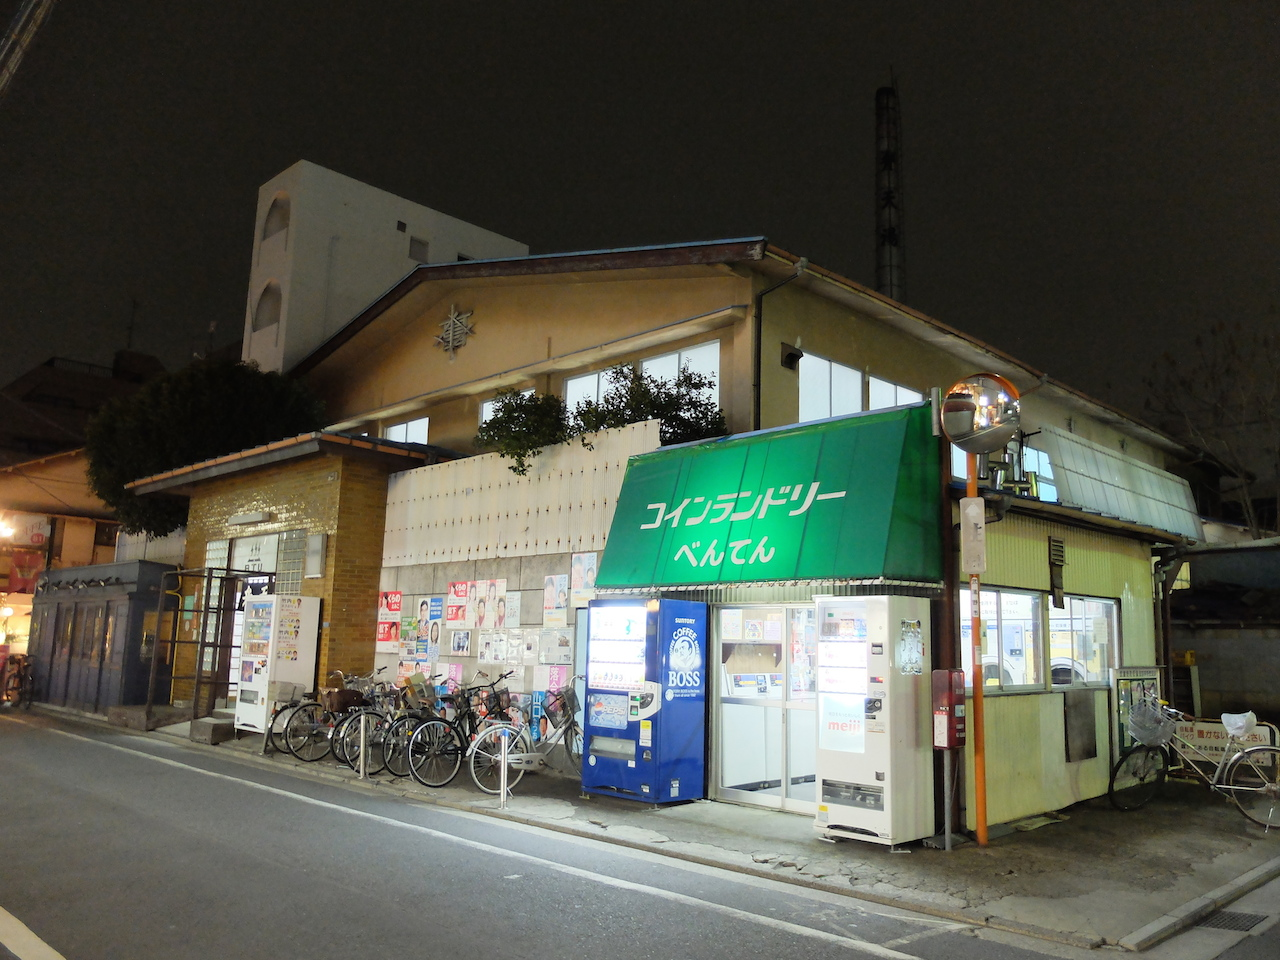 武蔵野市弁天湯0306